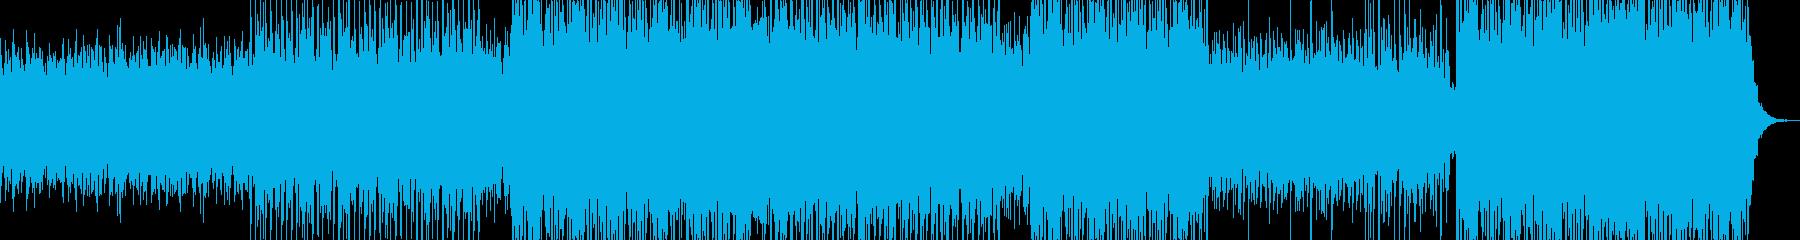 ポジティブ、ハッピー、ロック、トラ...の再生済みの波形